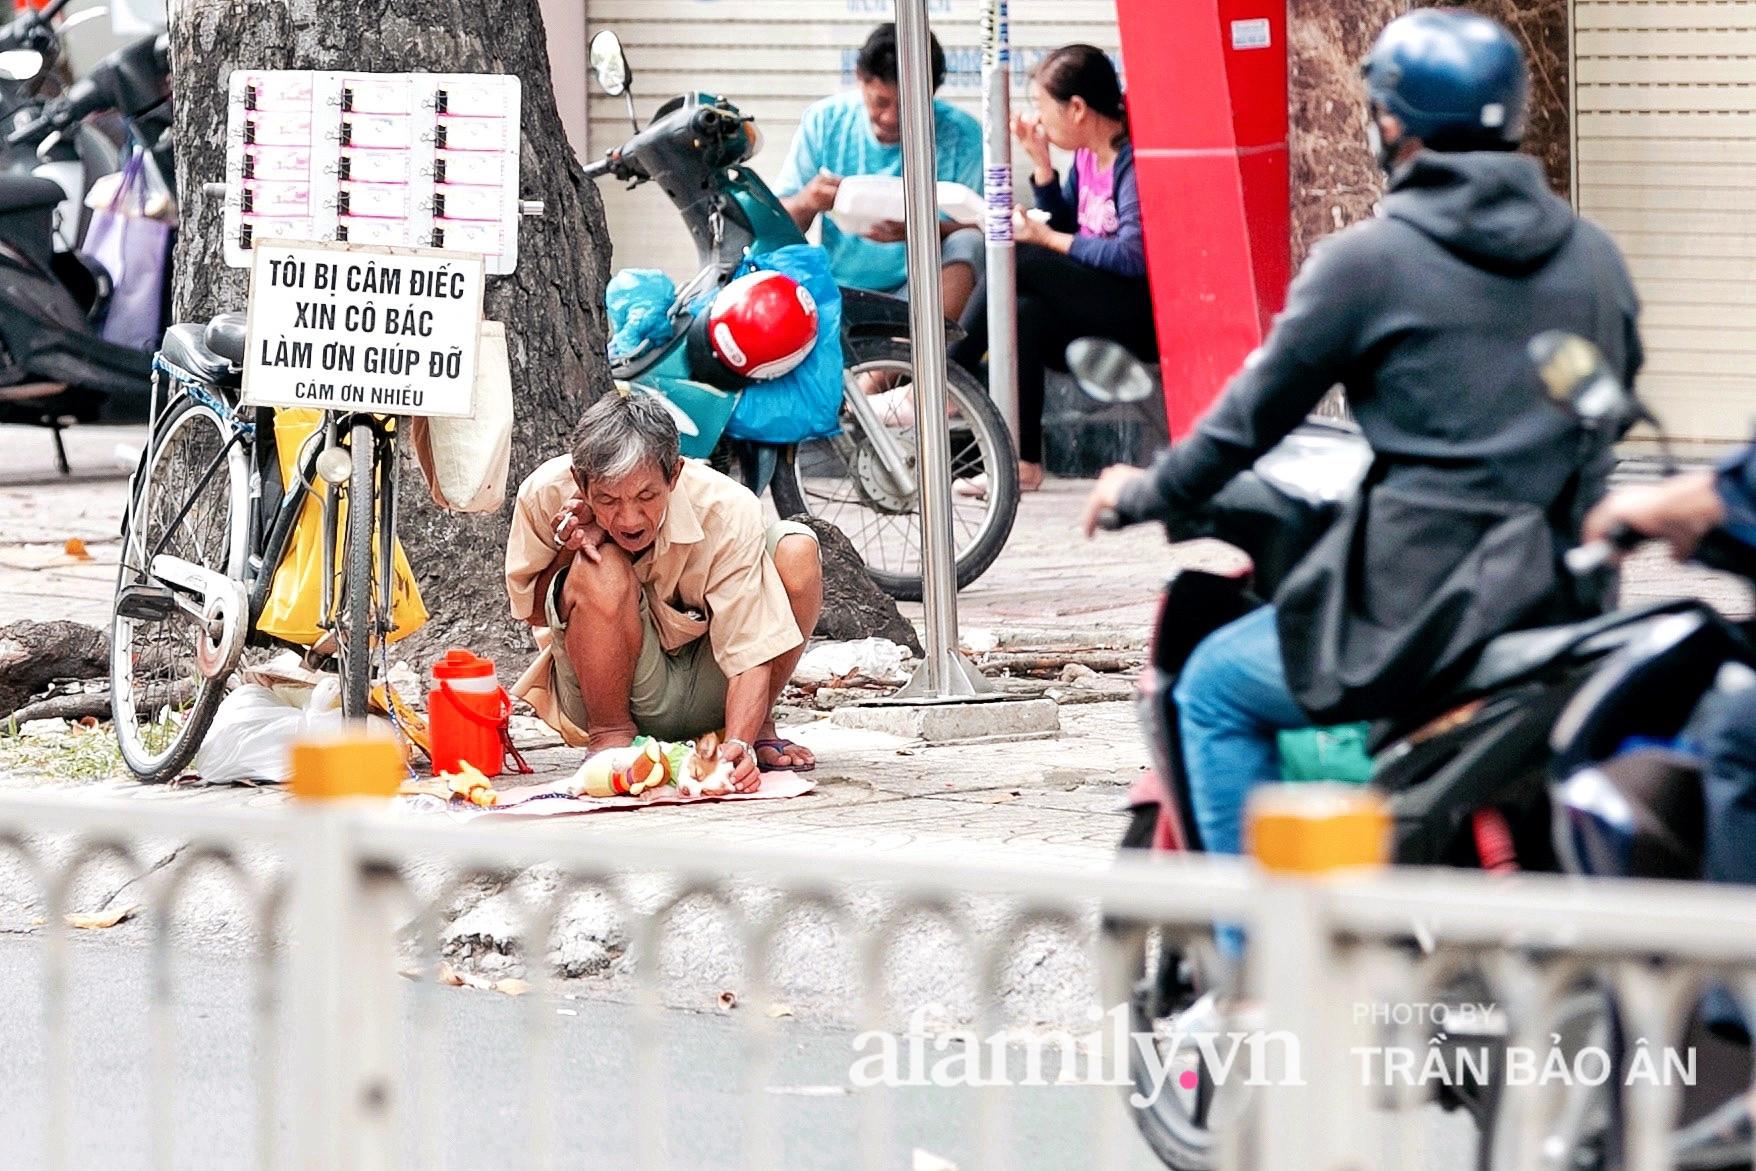 Cụ ông câm điếc cưu mang chú chó nhỏ, thà rong ruổi bán từng tờ vé số chứ không nhận 70 triệu khi người Sài Gòn dang tay giúp đỡ  - Ảnh 2.